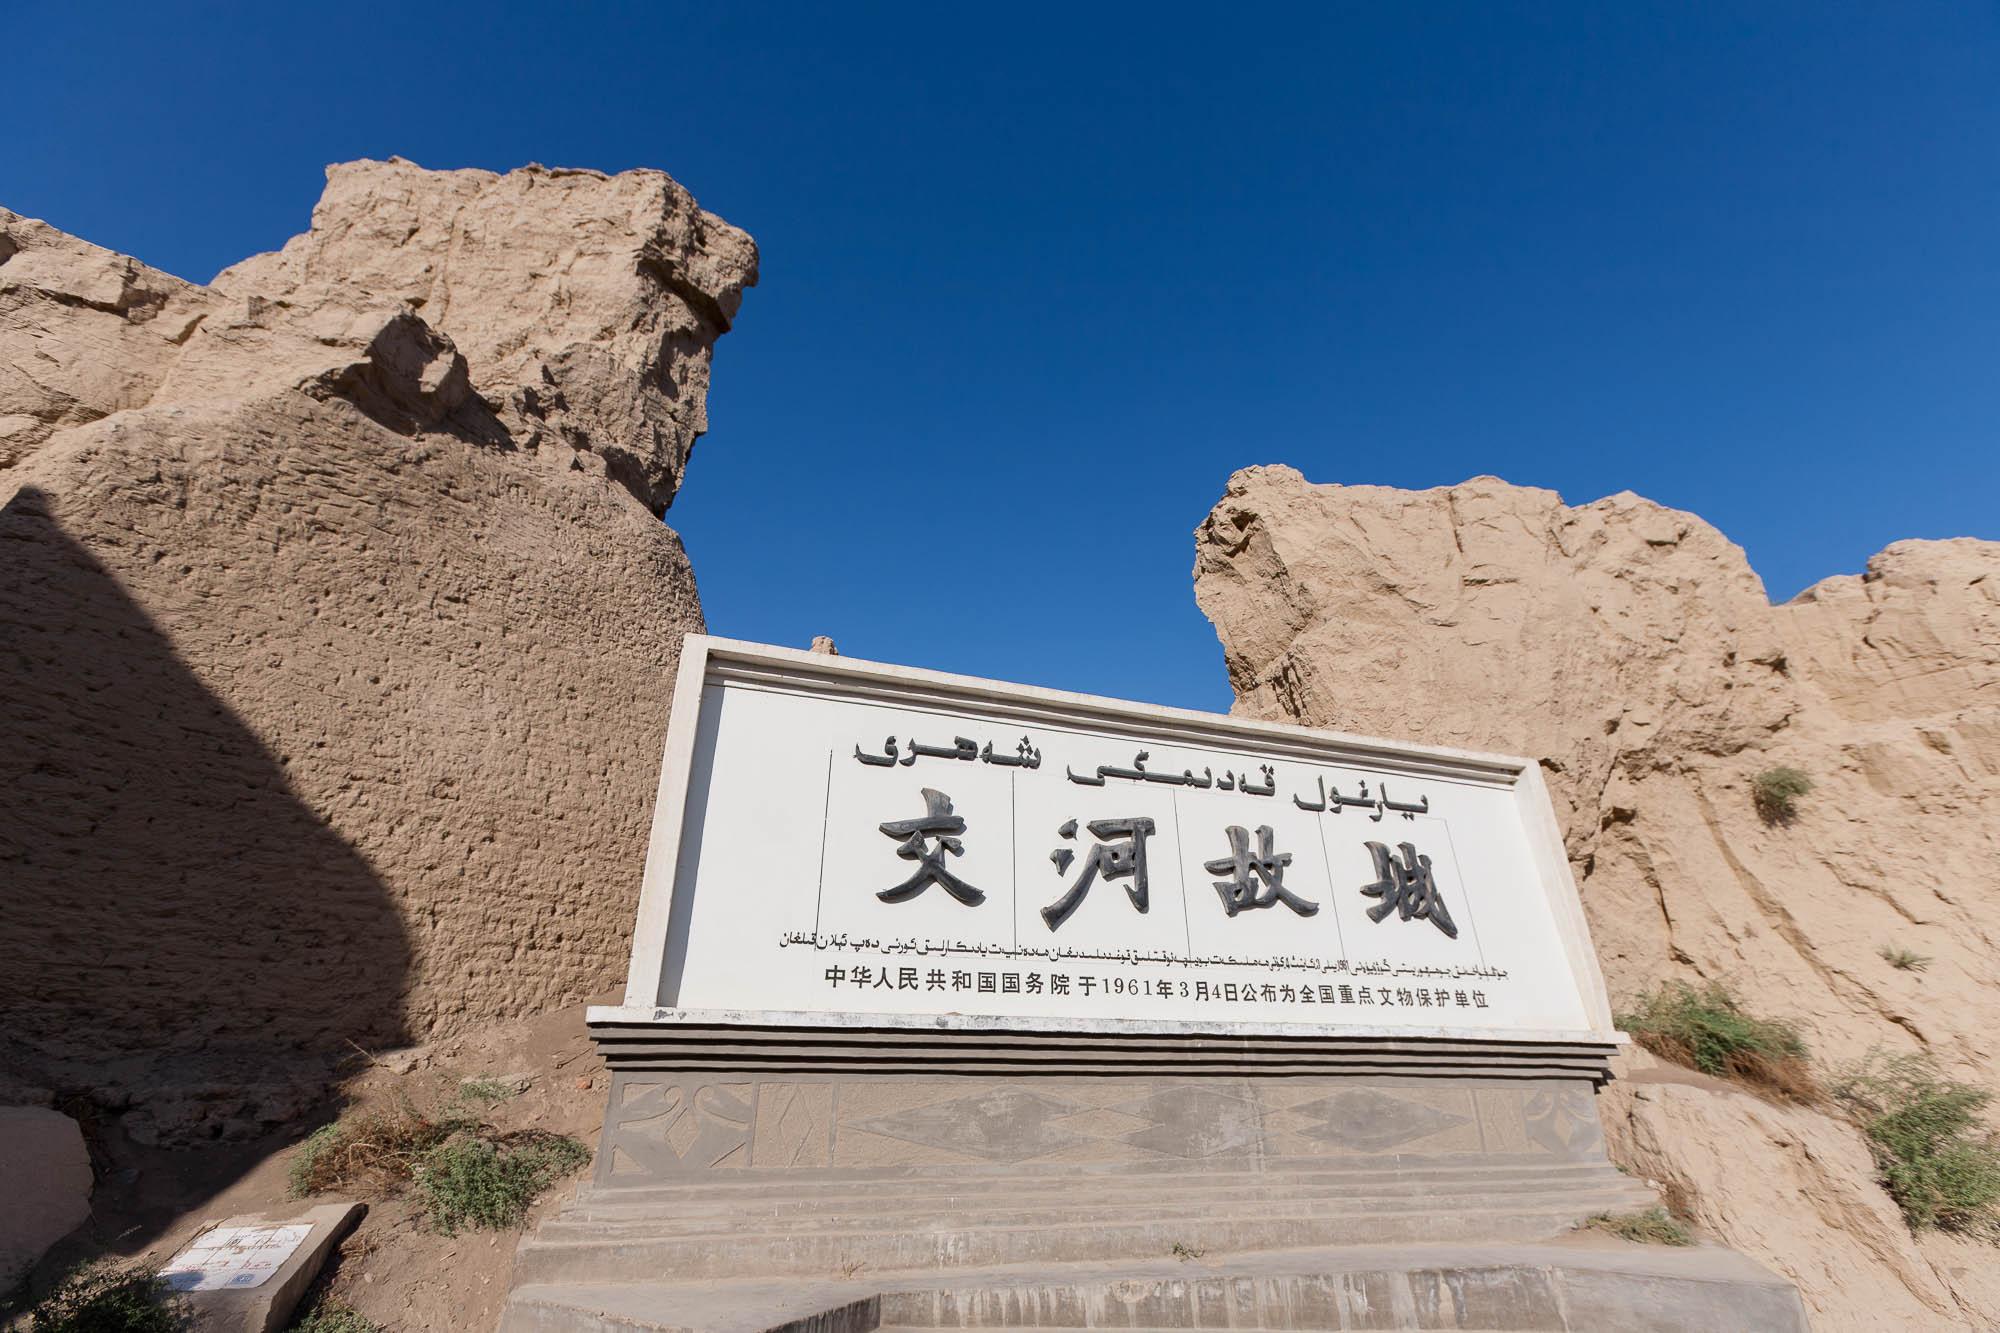 Jiaohe City Ruins